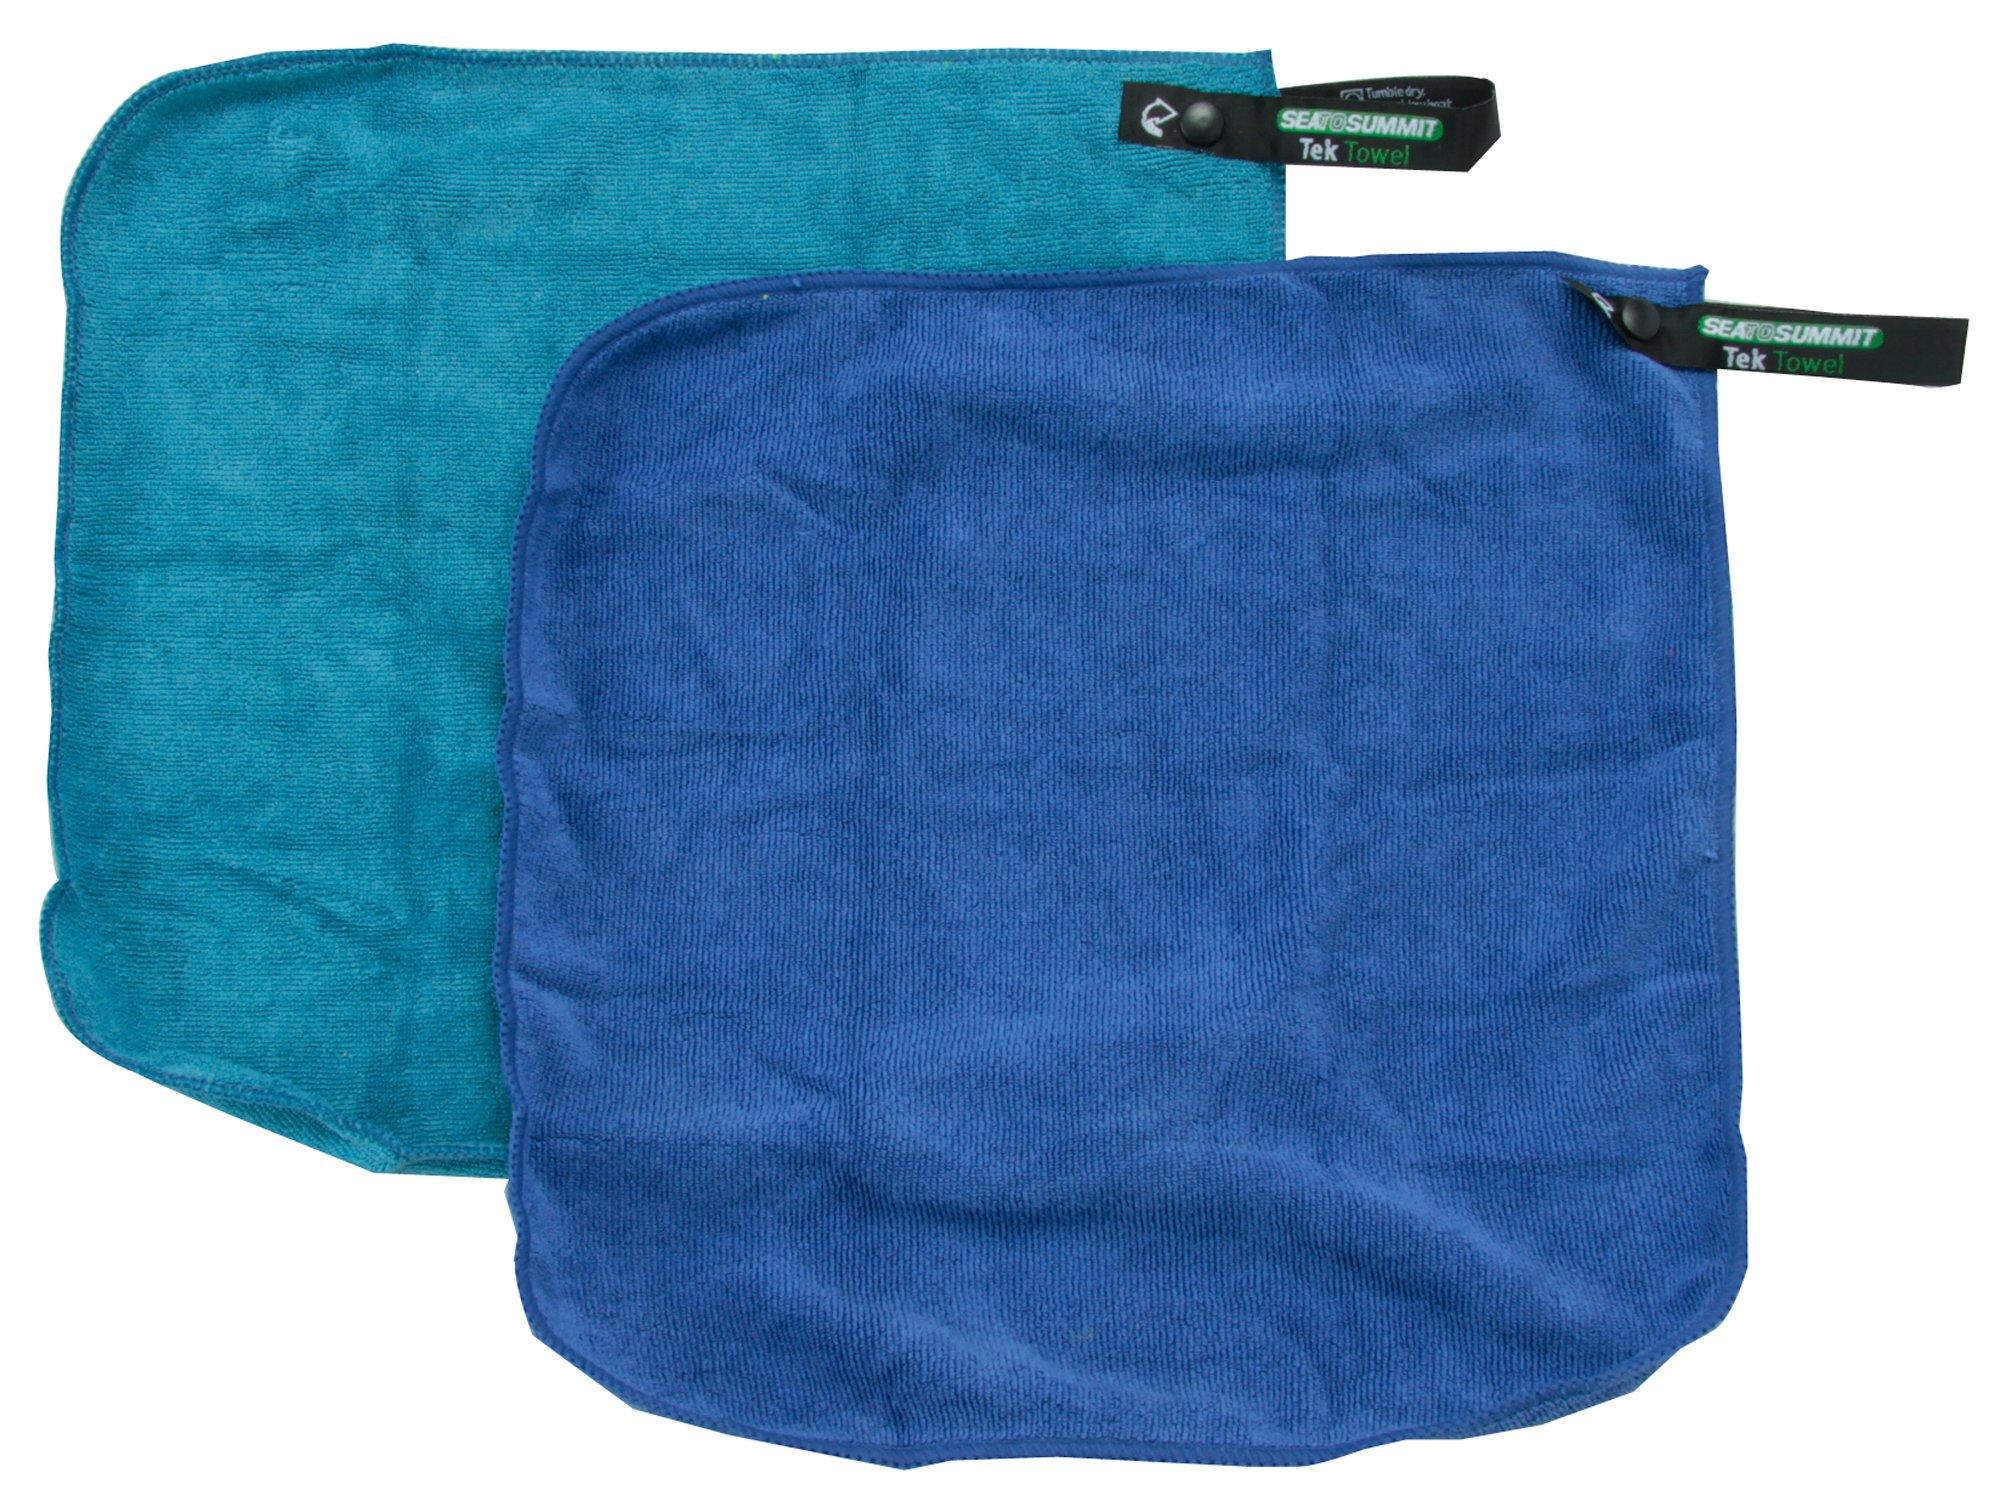 Sea to Summit Tek Towel Washclothes